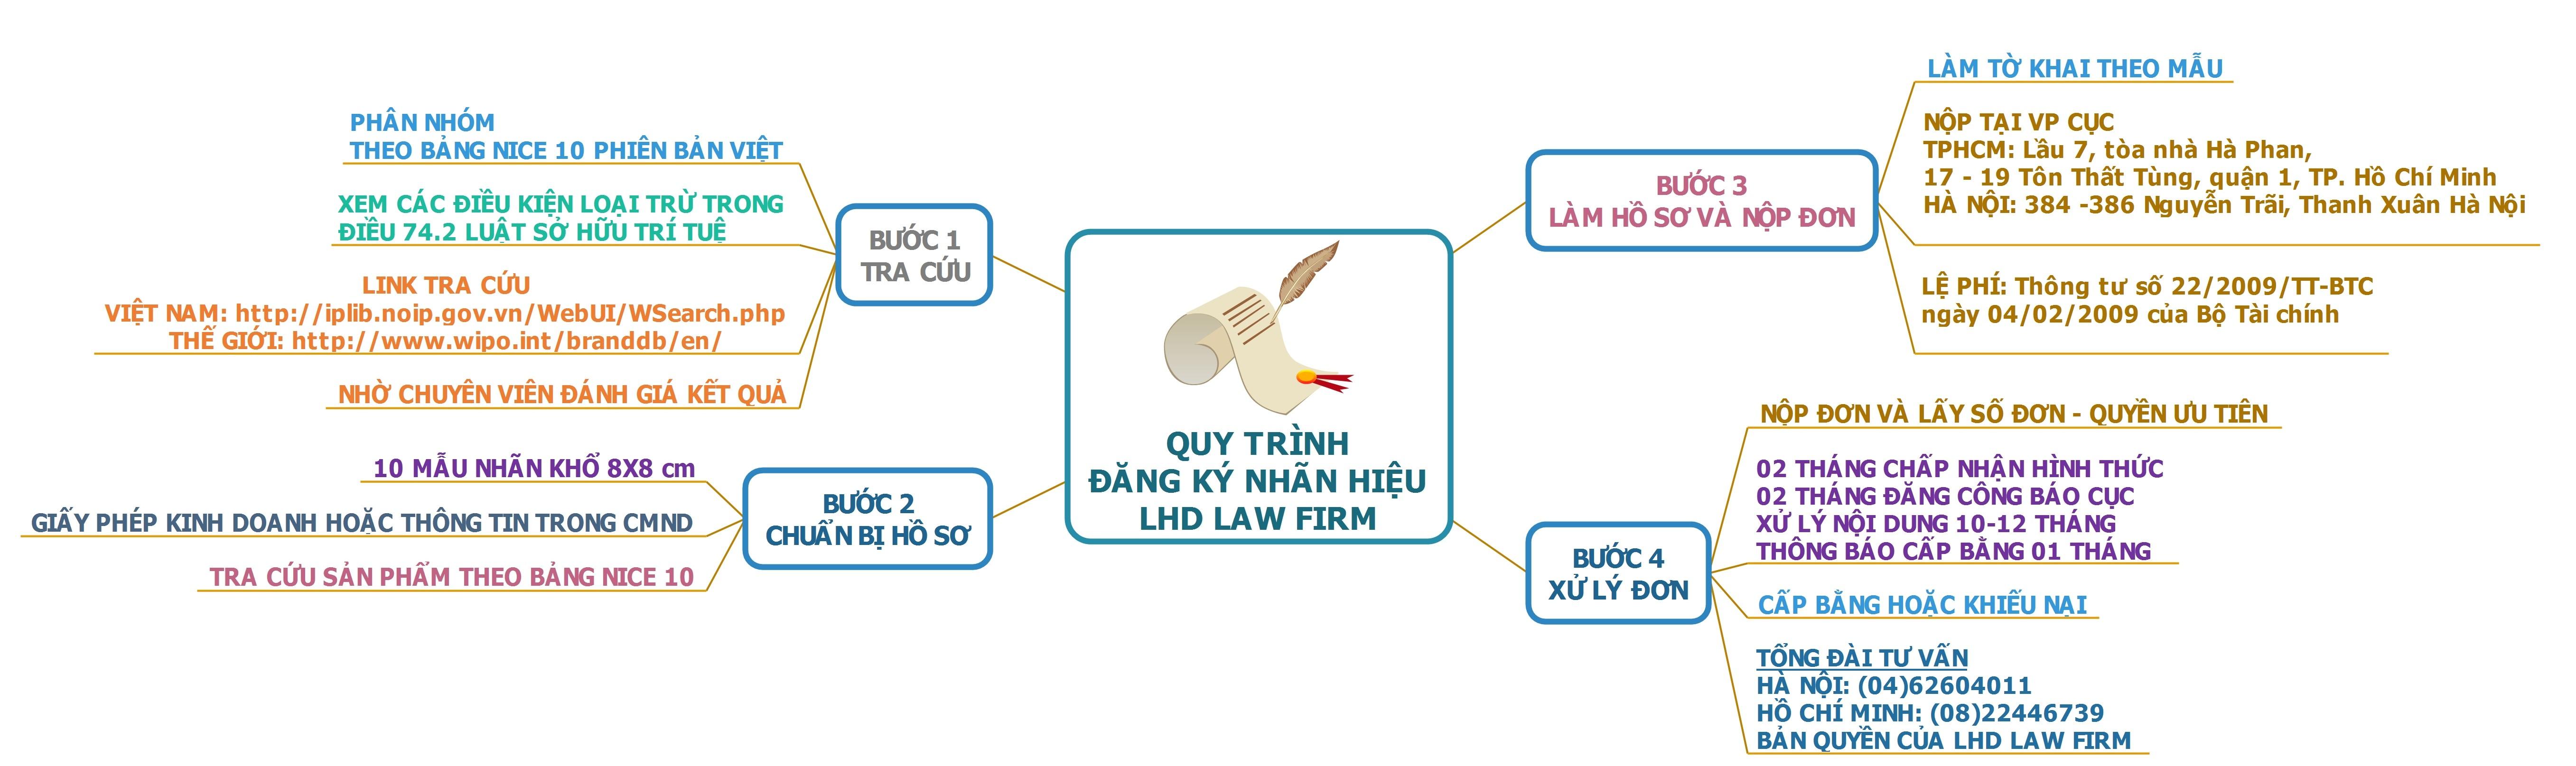 quy trinh đăng ký nhãn hiệu tại đà nẵng